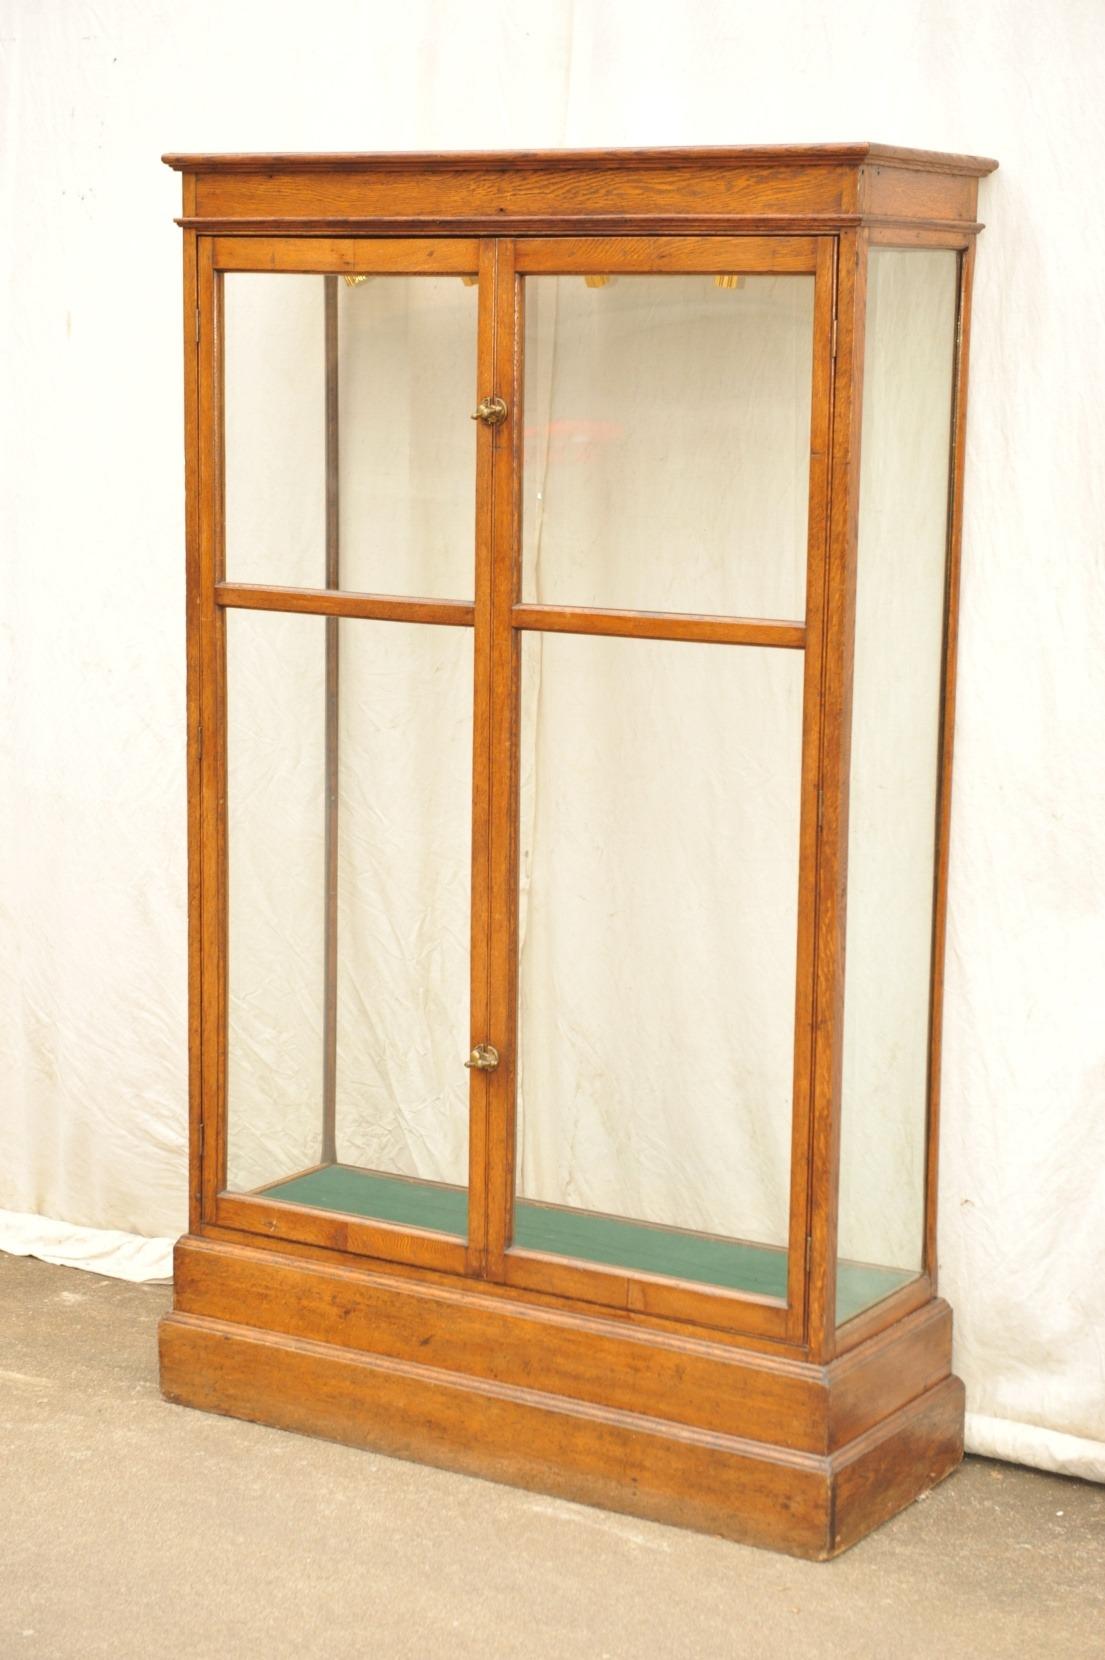 Schauvitrine allseitig Glas von 1900